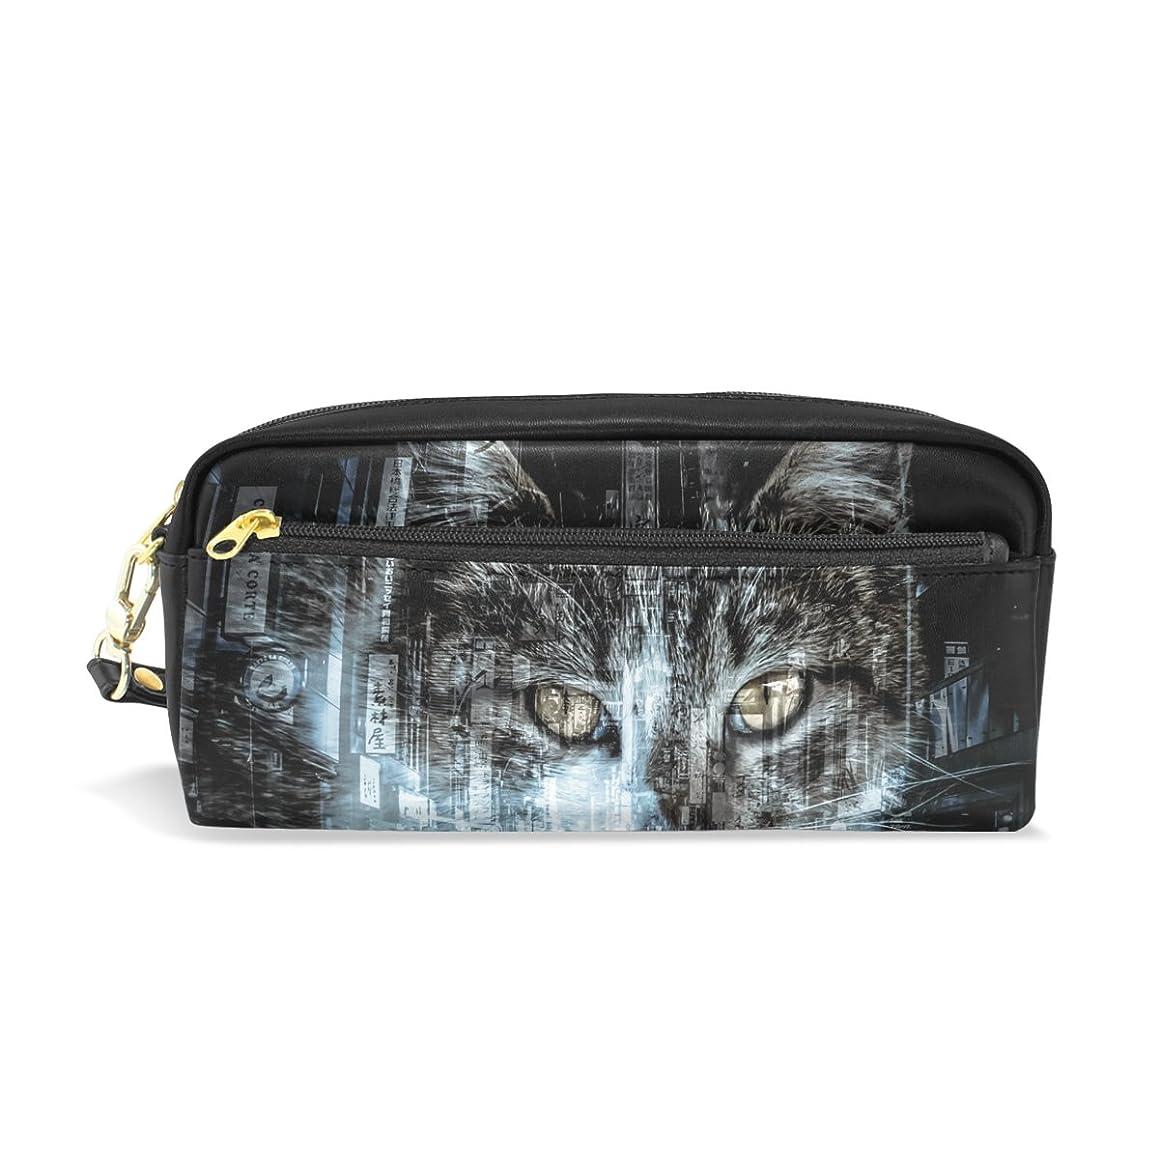 ハプニング一月森AOMOKI ペンケース 化粧ポーチ 小物入り 多機能バッグ レディース 猫 フォトモンダージョ 歓楽街 ねこ 繁華